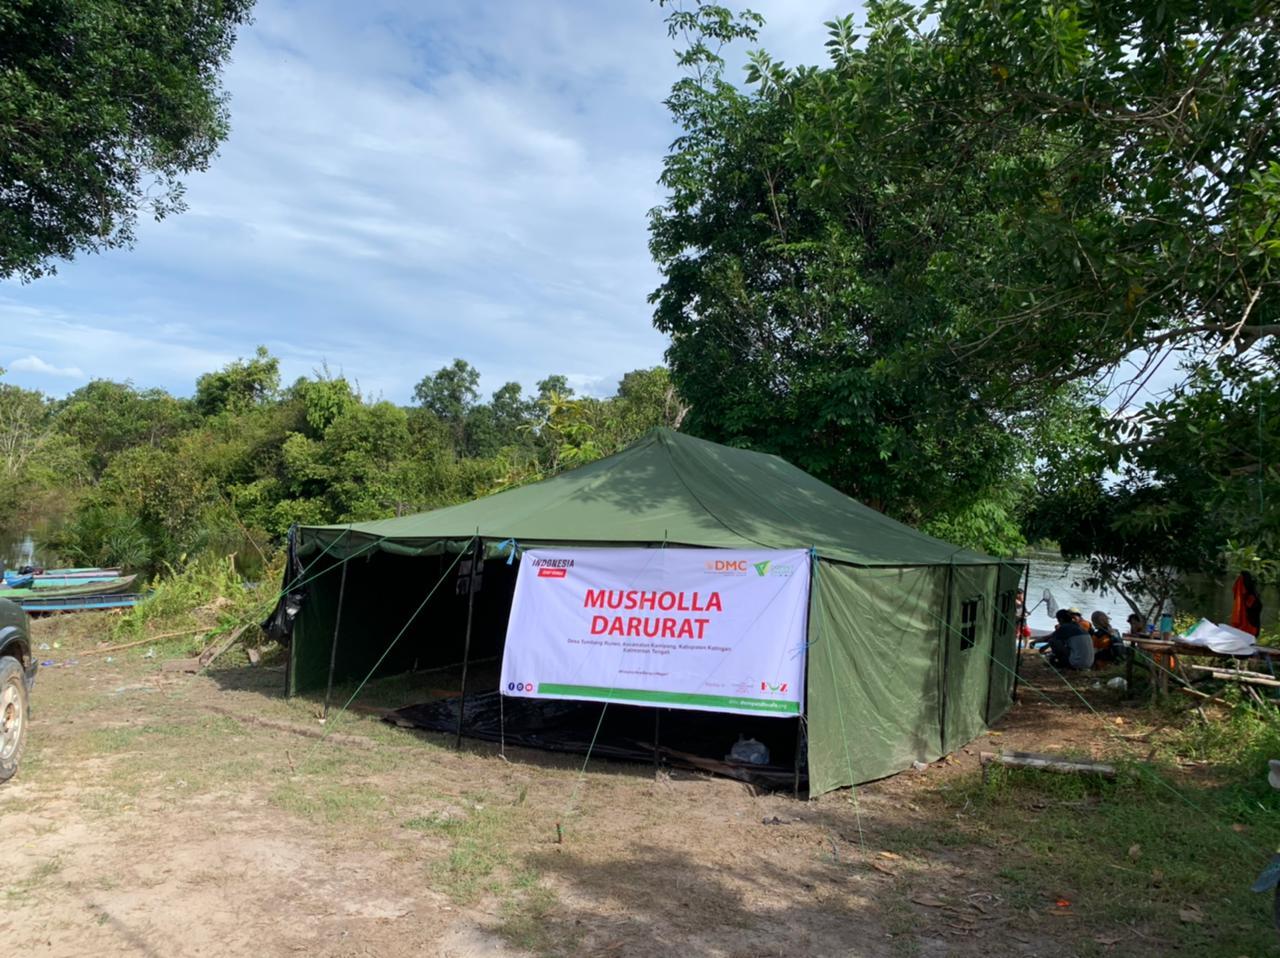 DMC Bangun Mushollah Darurat sampai Distribusi Makanan Ke Rumah Pengungsi